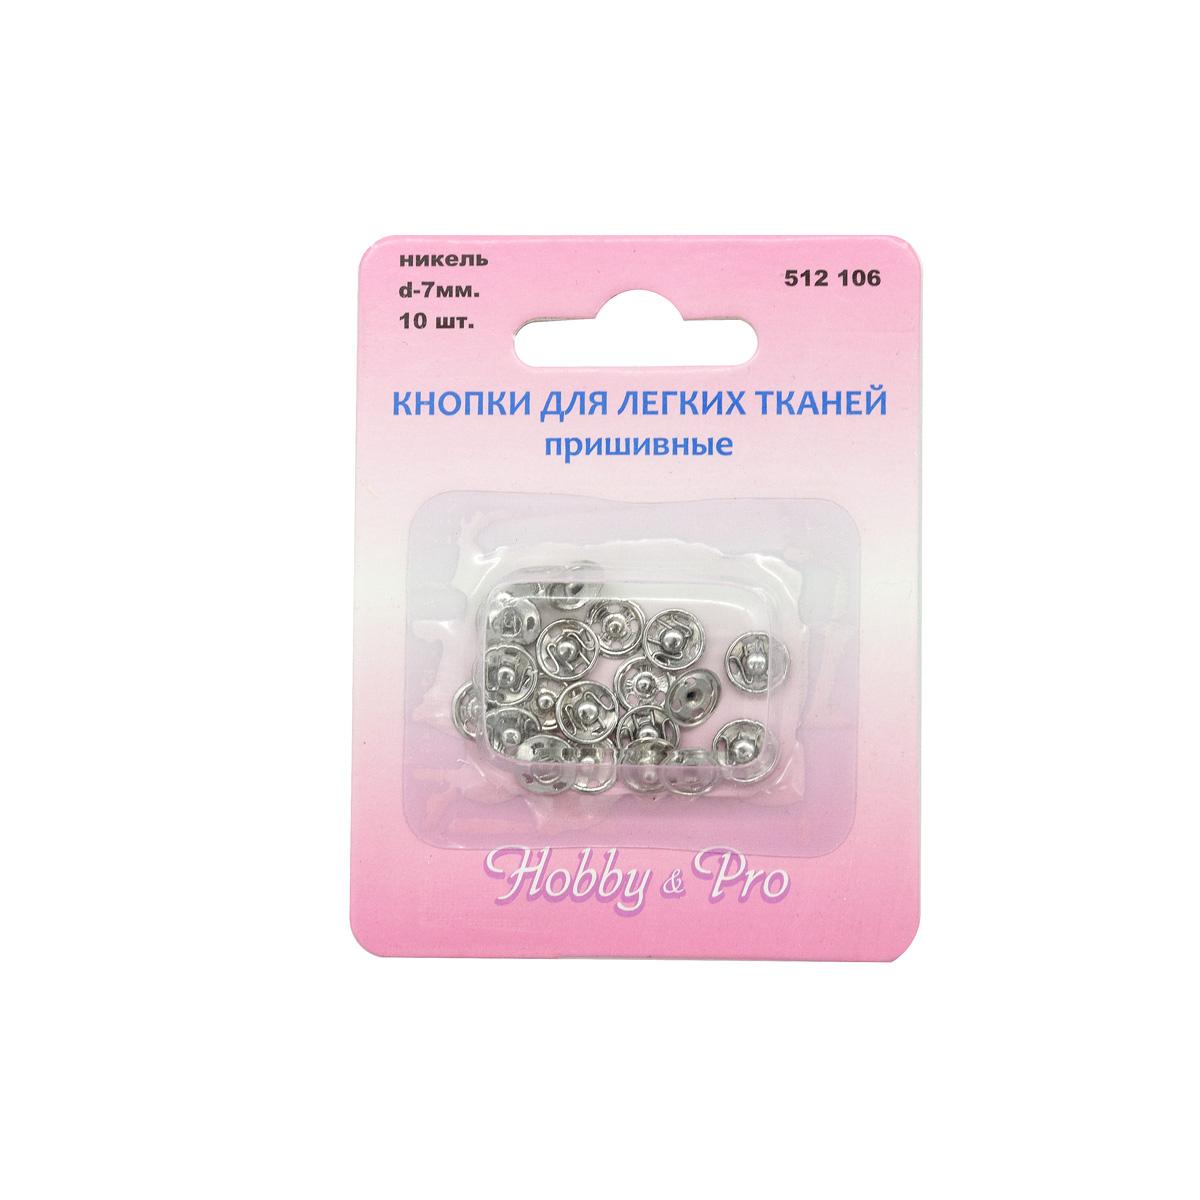 512106 Кнопки для легких тканей пришивные, никель, d 7 мм, упак./10 шт., Hobby&Pro